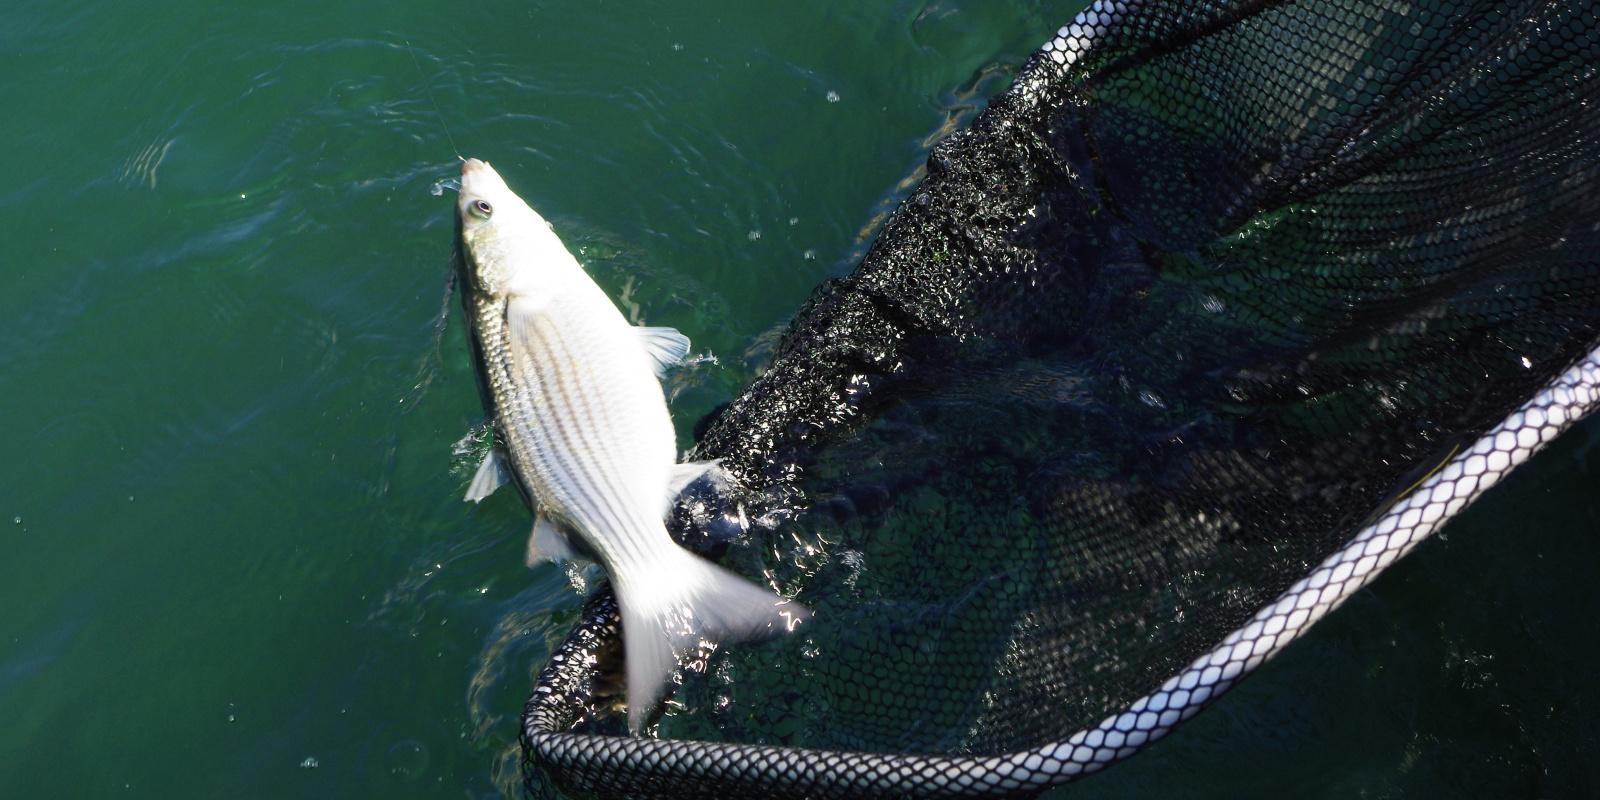 Les taquets sur la chasse à la pêche